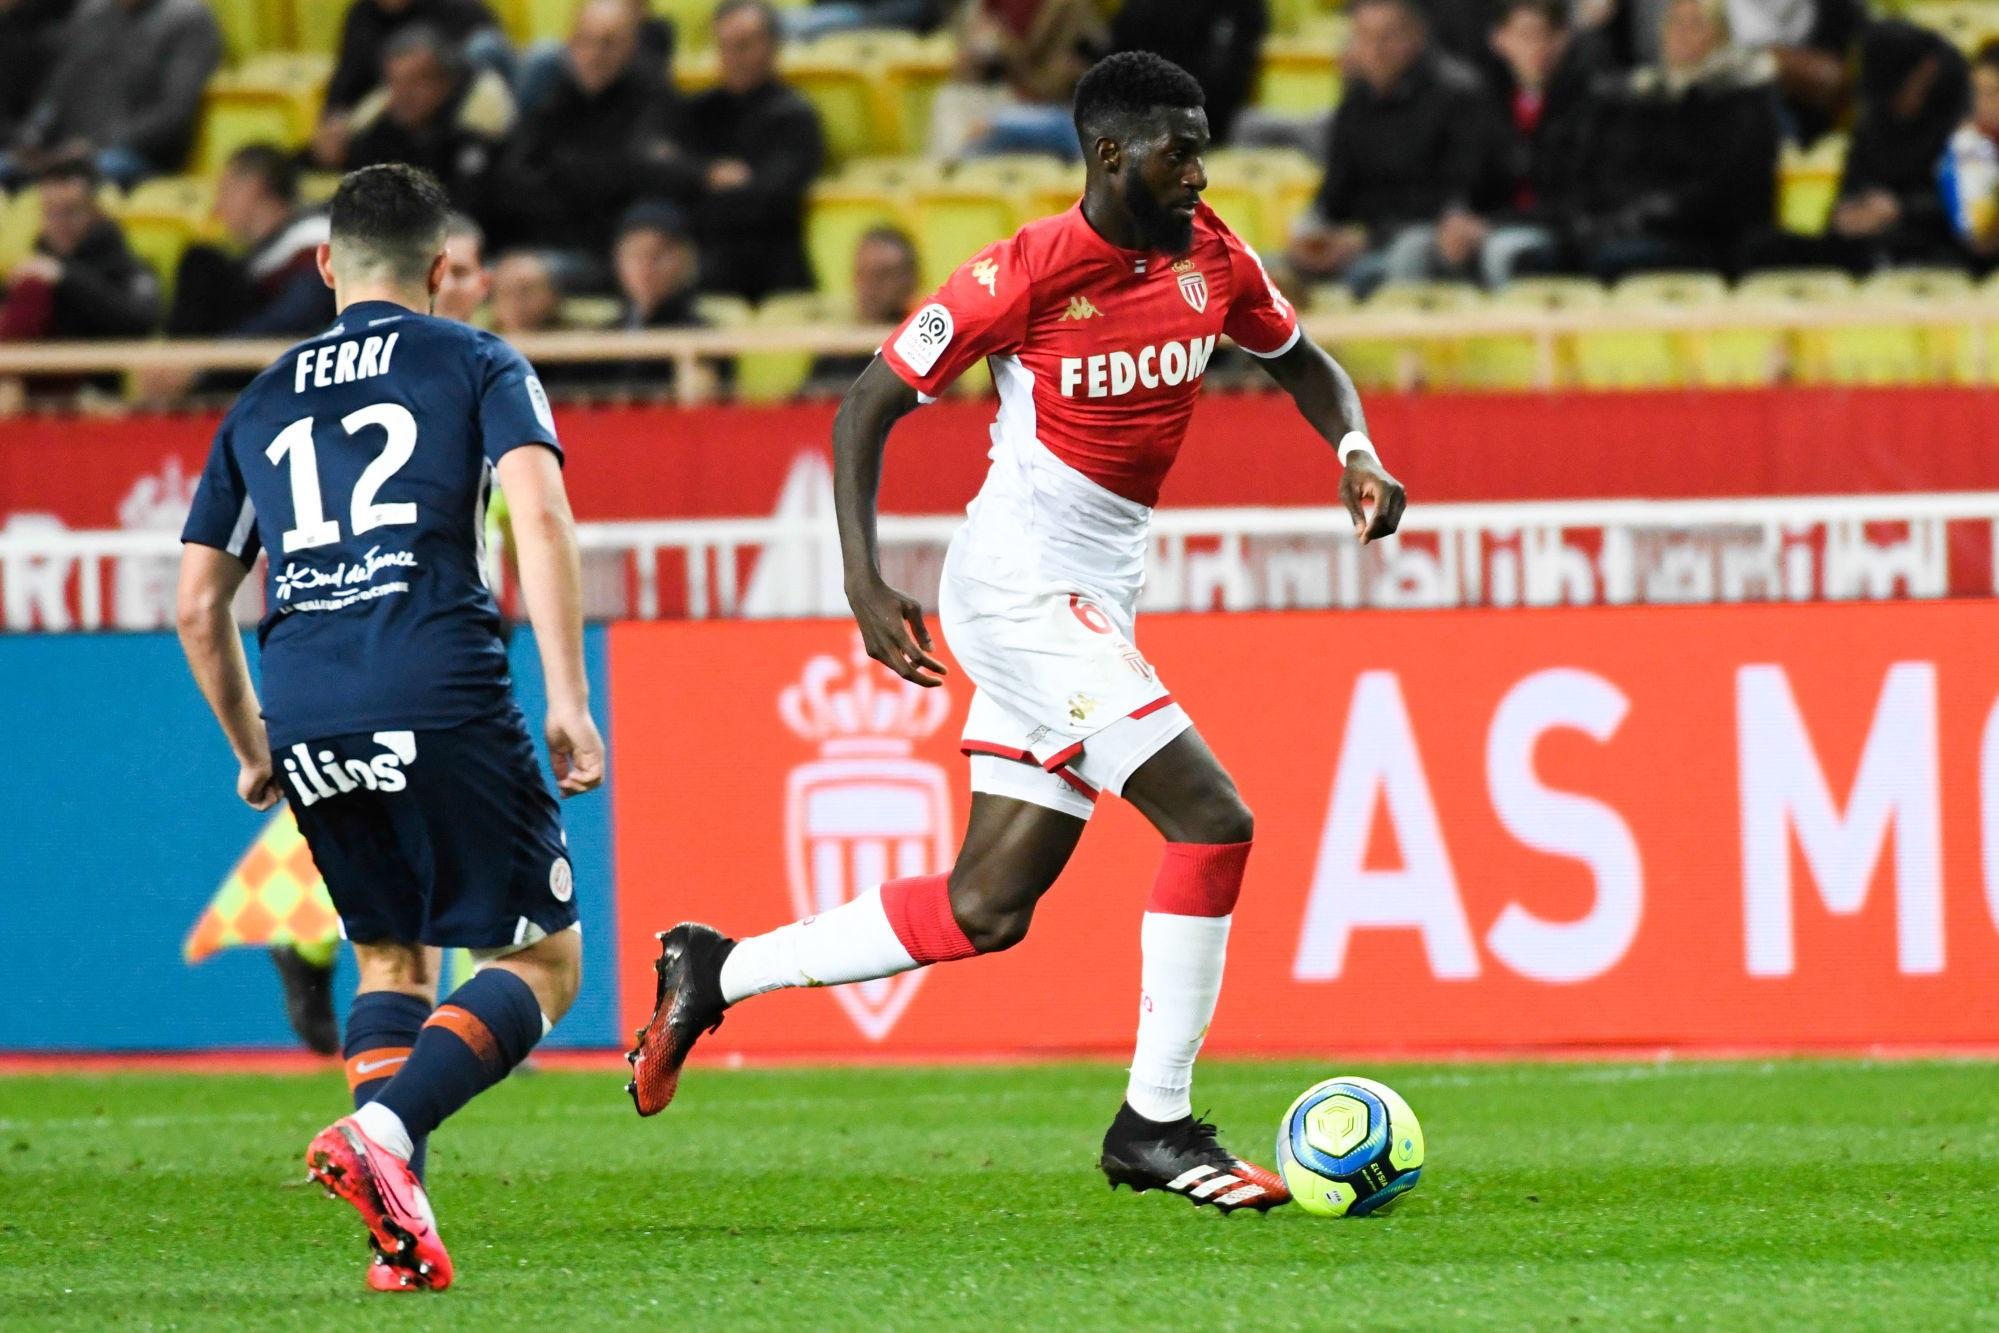 Mercato - Le PSG et Chelsea sont en «négociations concrètes» pour Bakayoko, annonce RMC Sport